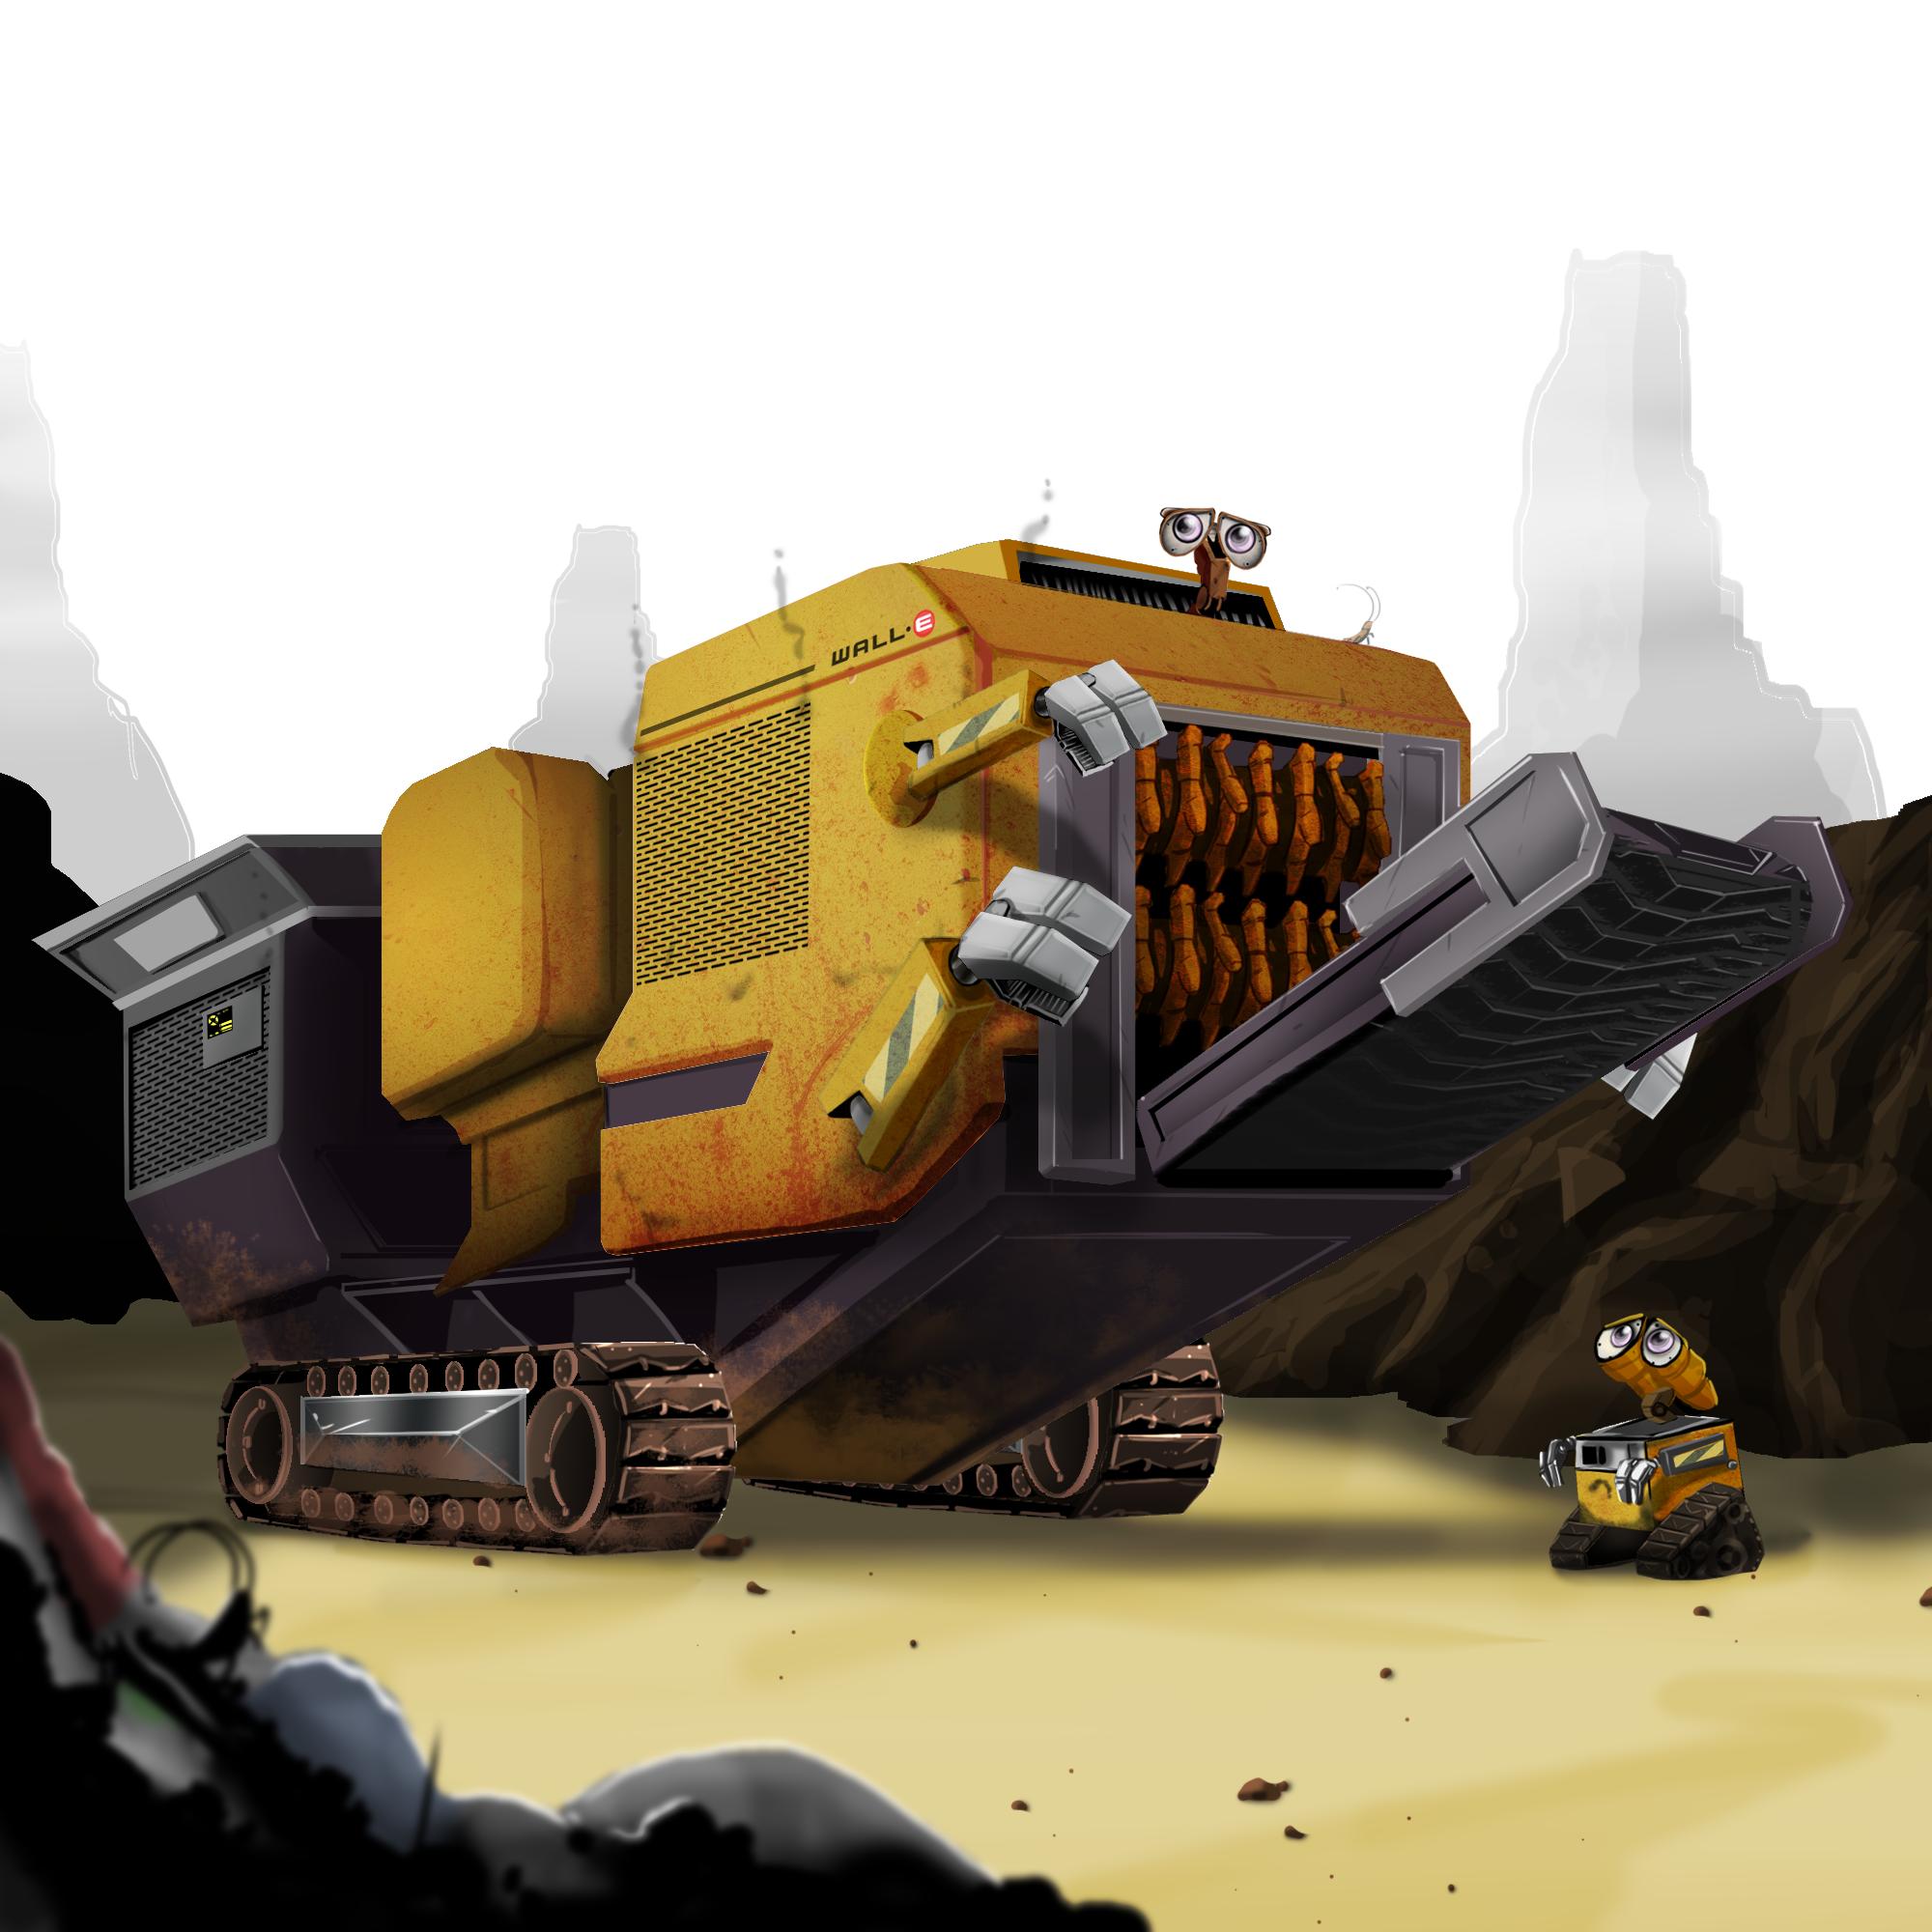 Wall-E - LVL99